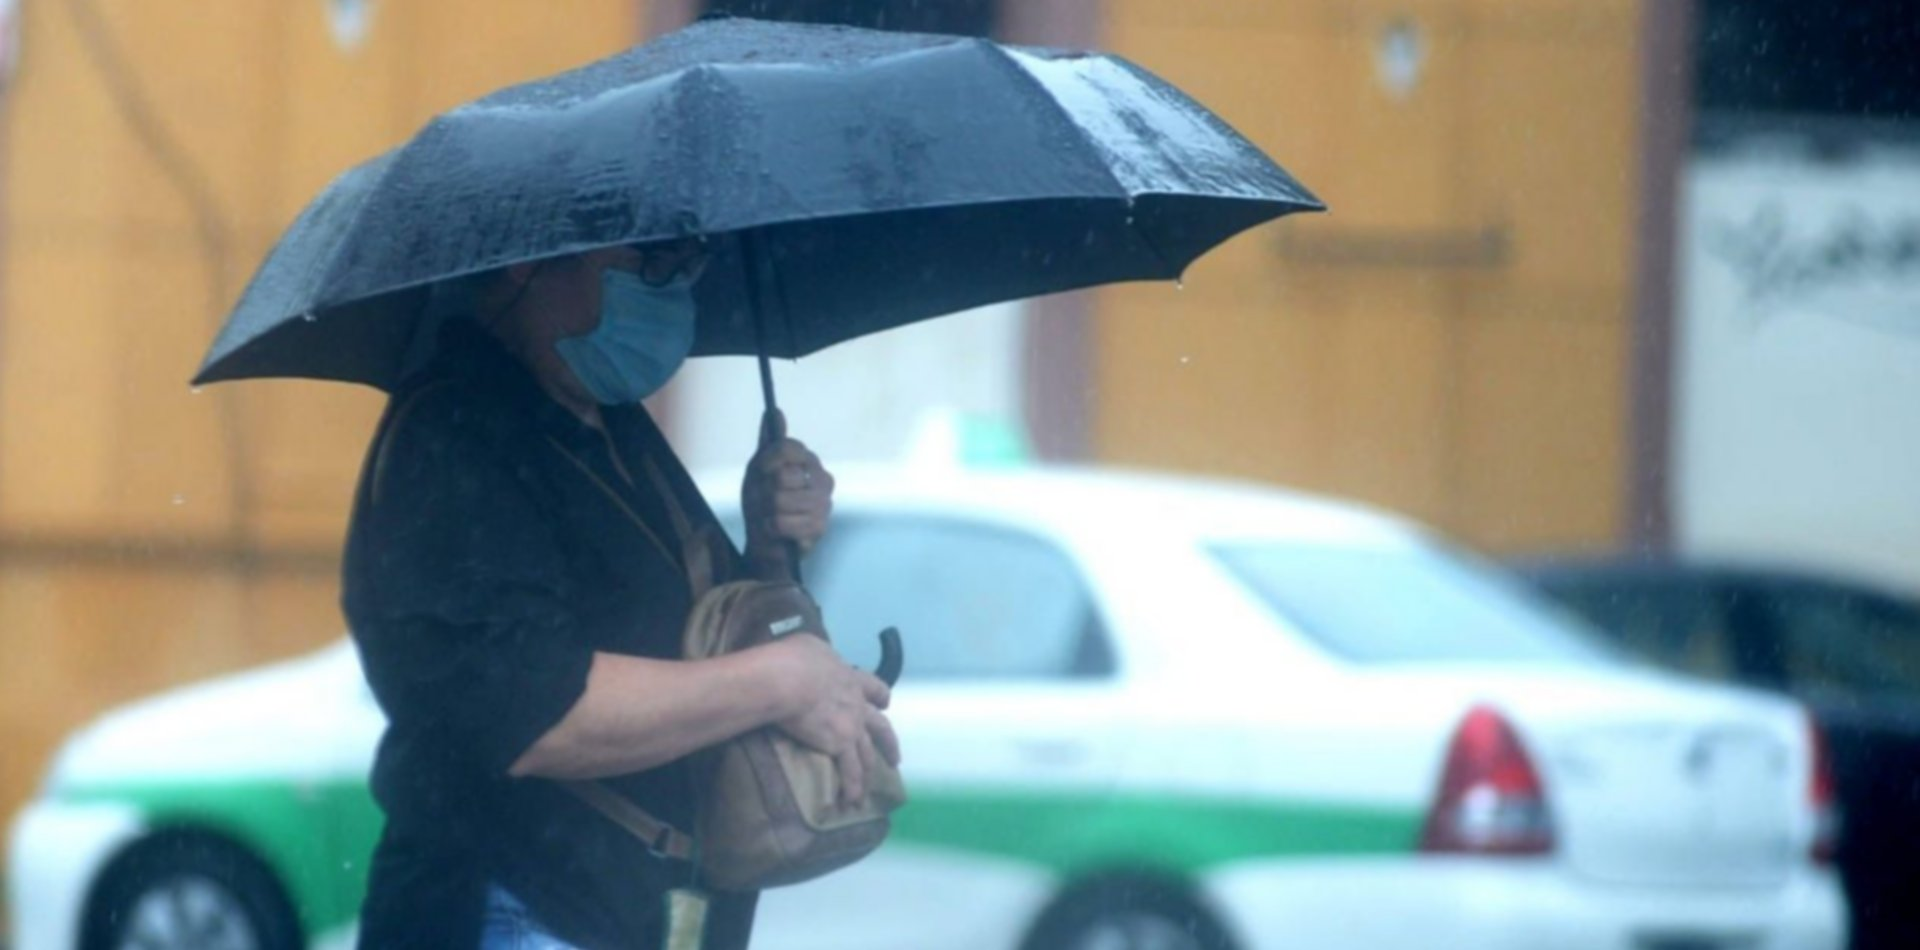 Fin de semana pasado por agua: ¿para cuándo anuncian tormentas en La Plata?